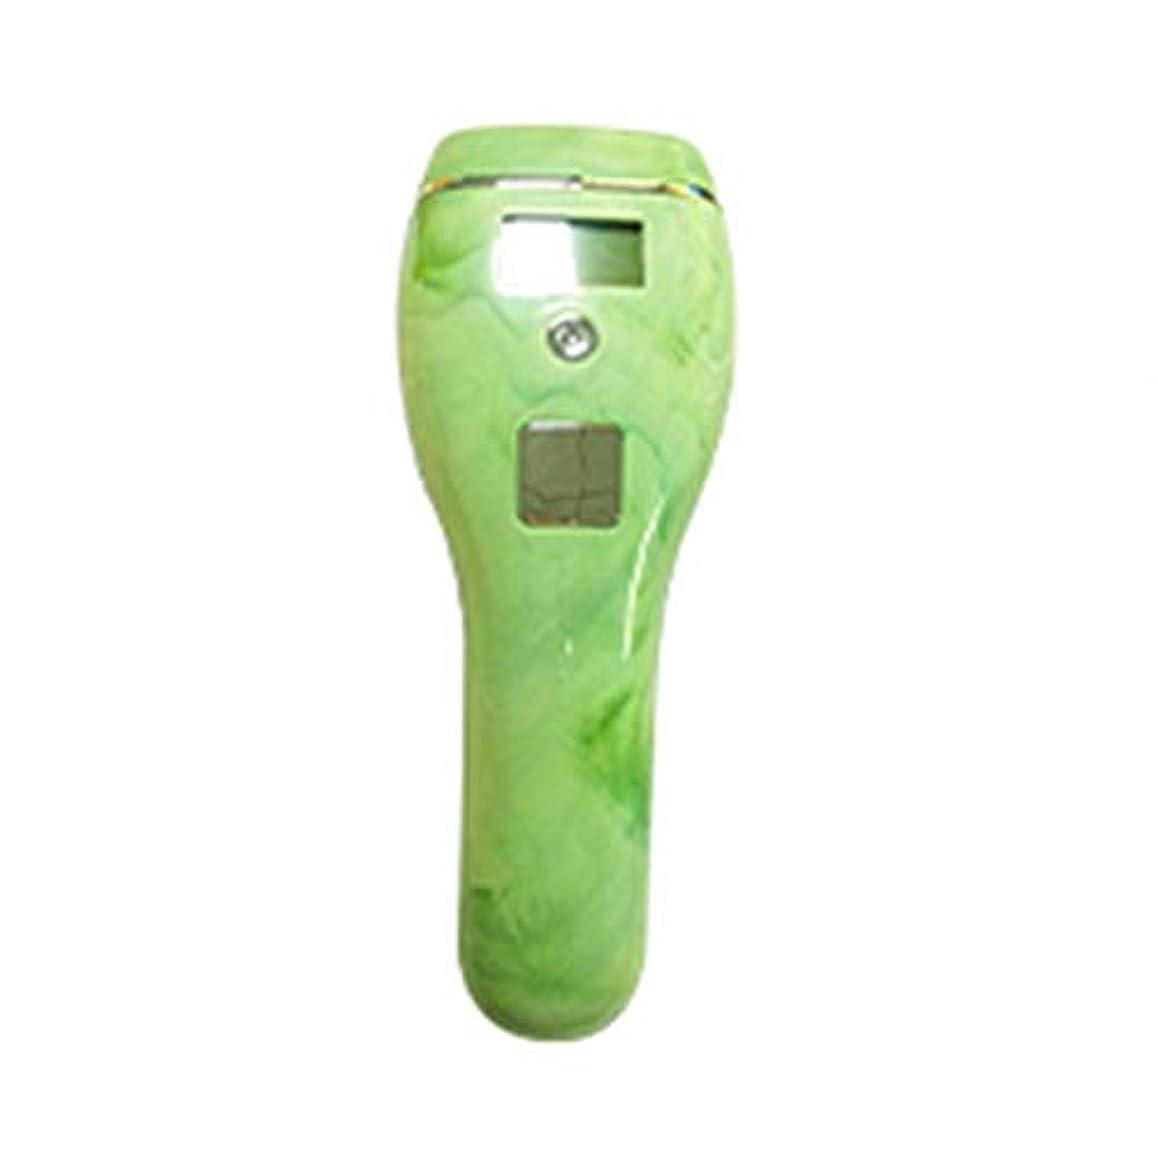 おスピーチ借りている自動肌のカラーセンシング、グリーン、5速調整、クォーツチューブ、携帯用痛みのない全身凍結乾燥用除湿器、サイズ19x7x5cm 快適な脱毛 (Color : Green)